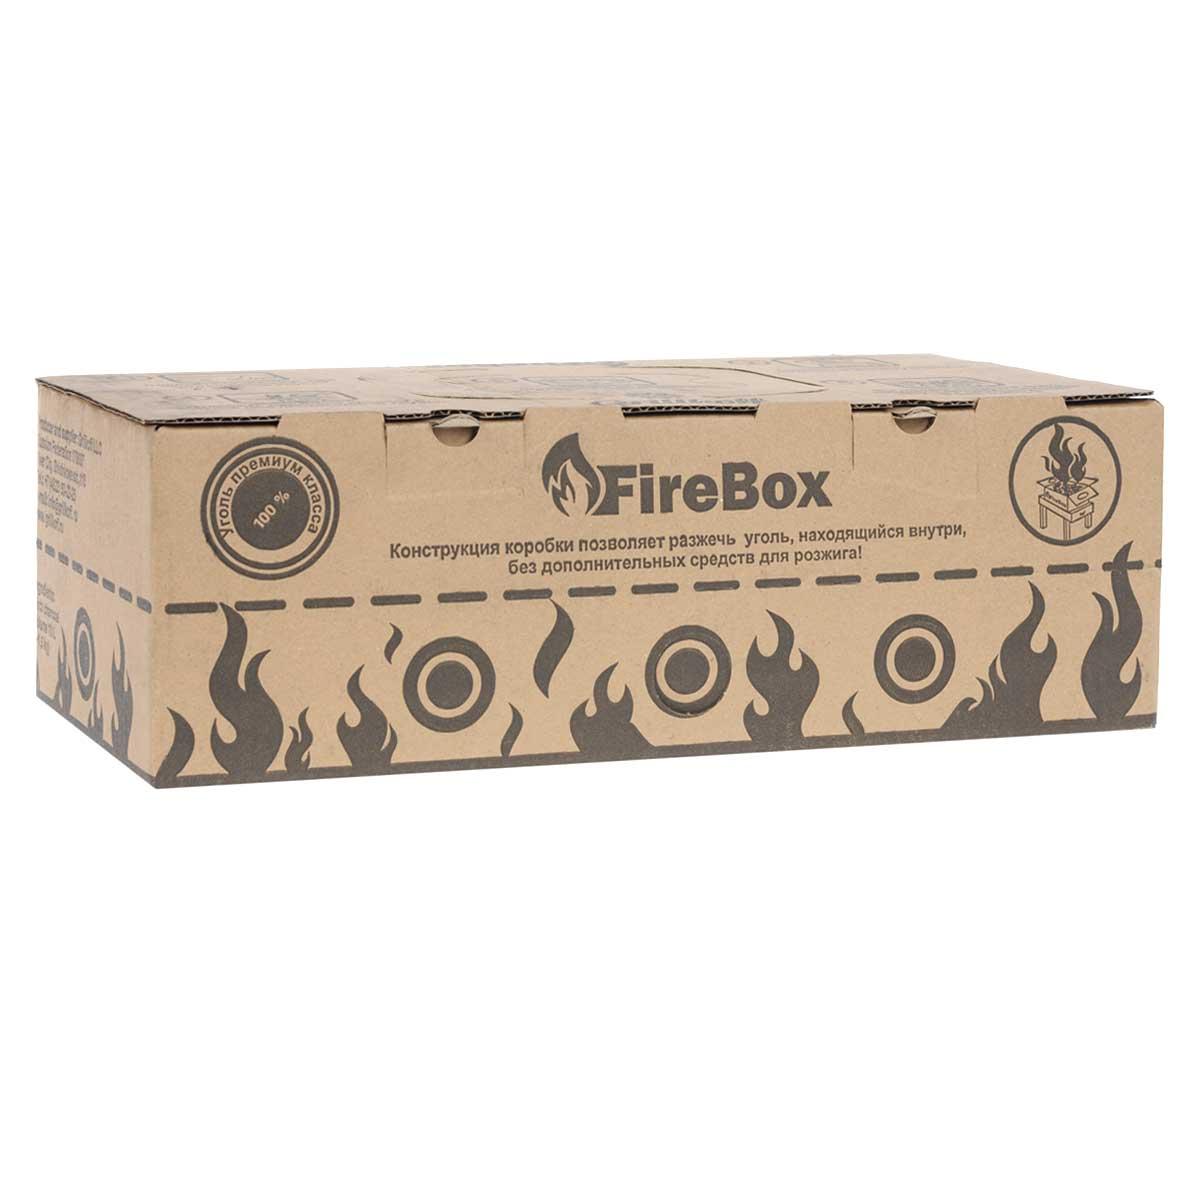 Уголь древесный Грилькофф FireBox, отборный, 1,5 кг9103500790Уголь Грилькофф FireBox изготовлен изабсолютно натуральных материалов, он чрезвычайно легок в использовании, которое не предполагает добавления каких либо химических веществ. Это существенно улучшает вкус приготовляемых с помощью Грилькофф FireBox продуктов. Грилькофф FireBox легок в использовании, и после выполнения нескольких элементарных действий он быстро разгорится без использования дополнительных горючих материалов.Достаточно выполнить 5 последовательных действий, и вы сможете без труда разжечь уголь, не вынимая из коробки!Размер упаковки: 40 см х 13 см х 25 см.Вес упаковки: 1,5 кг (10 л).Состав: отборный древесный уголь.